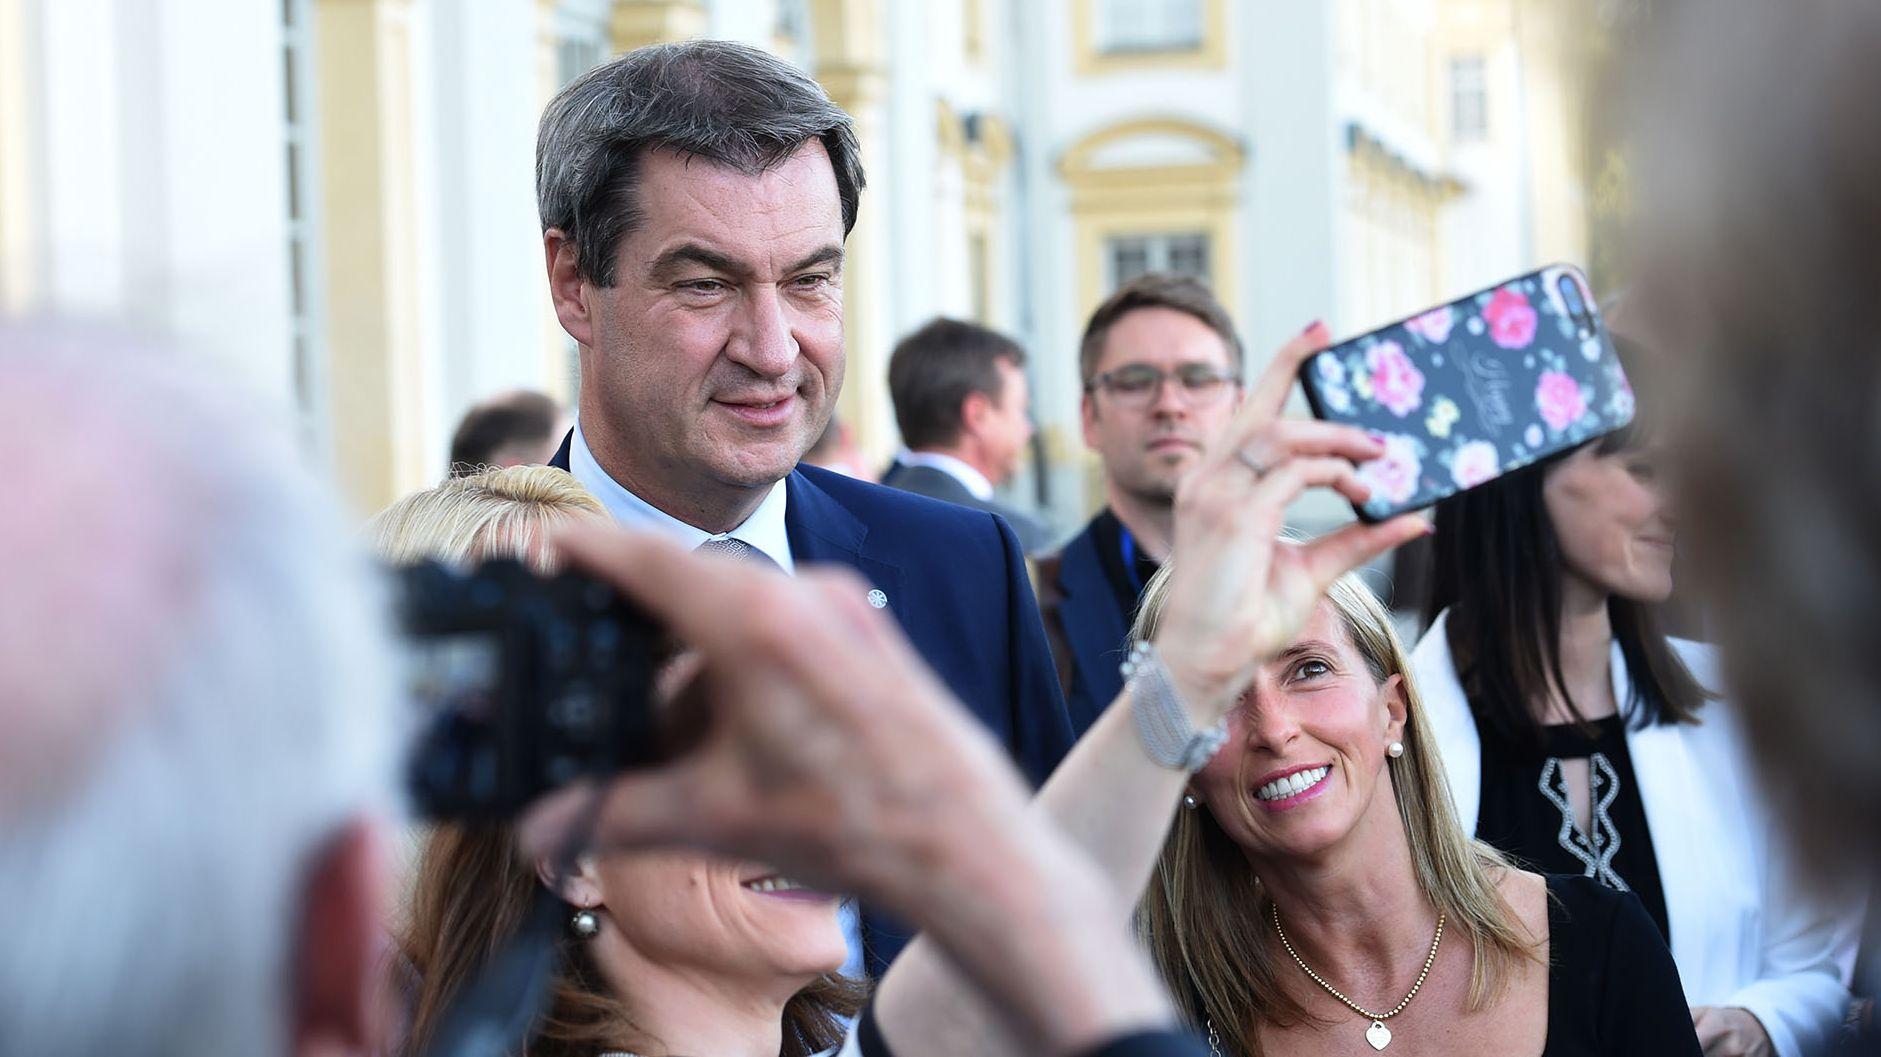 Ministerpräsident Markus Söder (CSU) beim Sommerempfang des bayerischen Landtags.